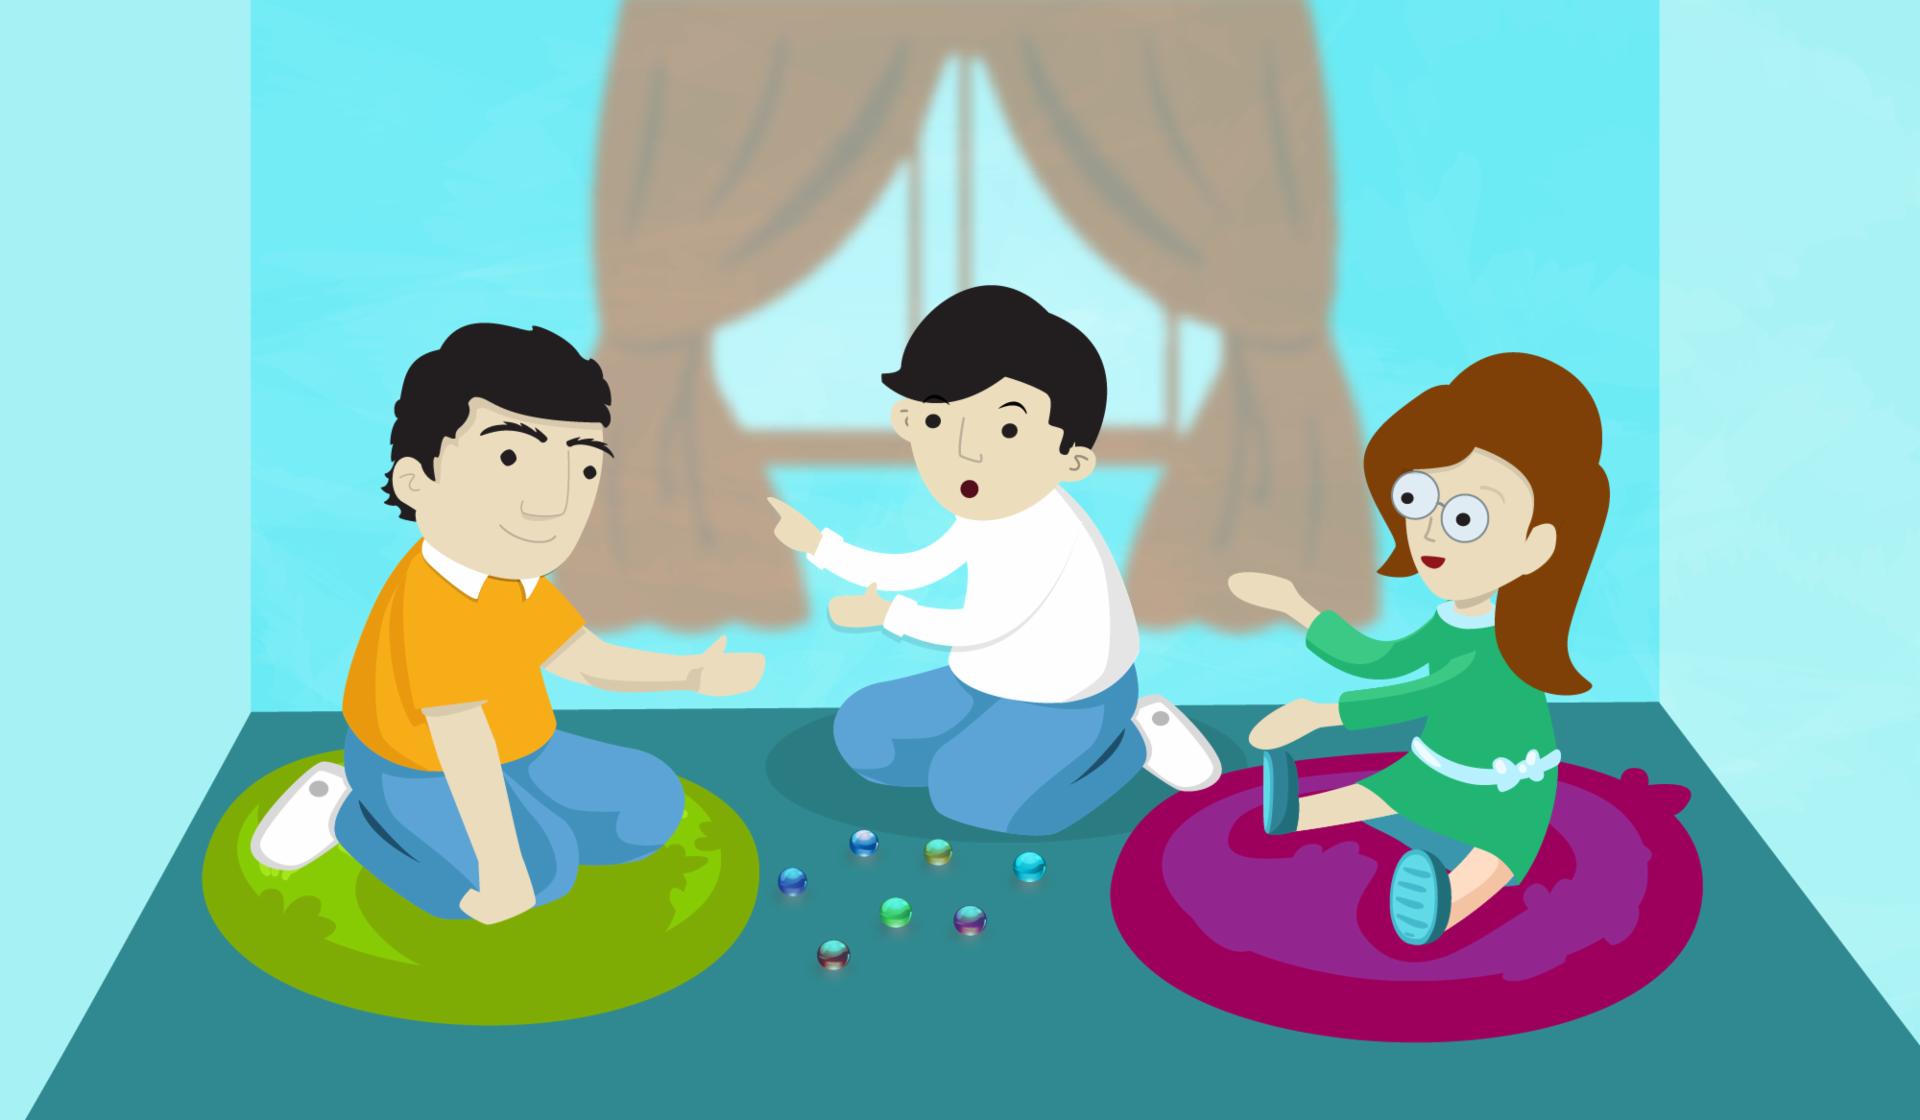 ¿Con qué número se pueden representar las contribuciones de los niños?